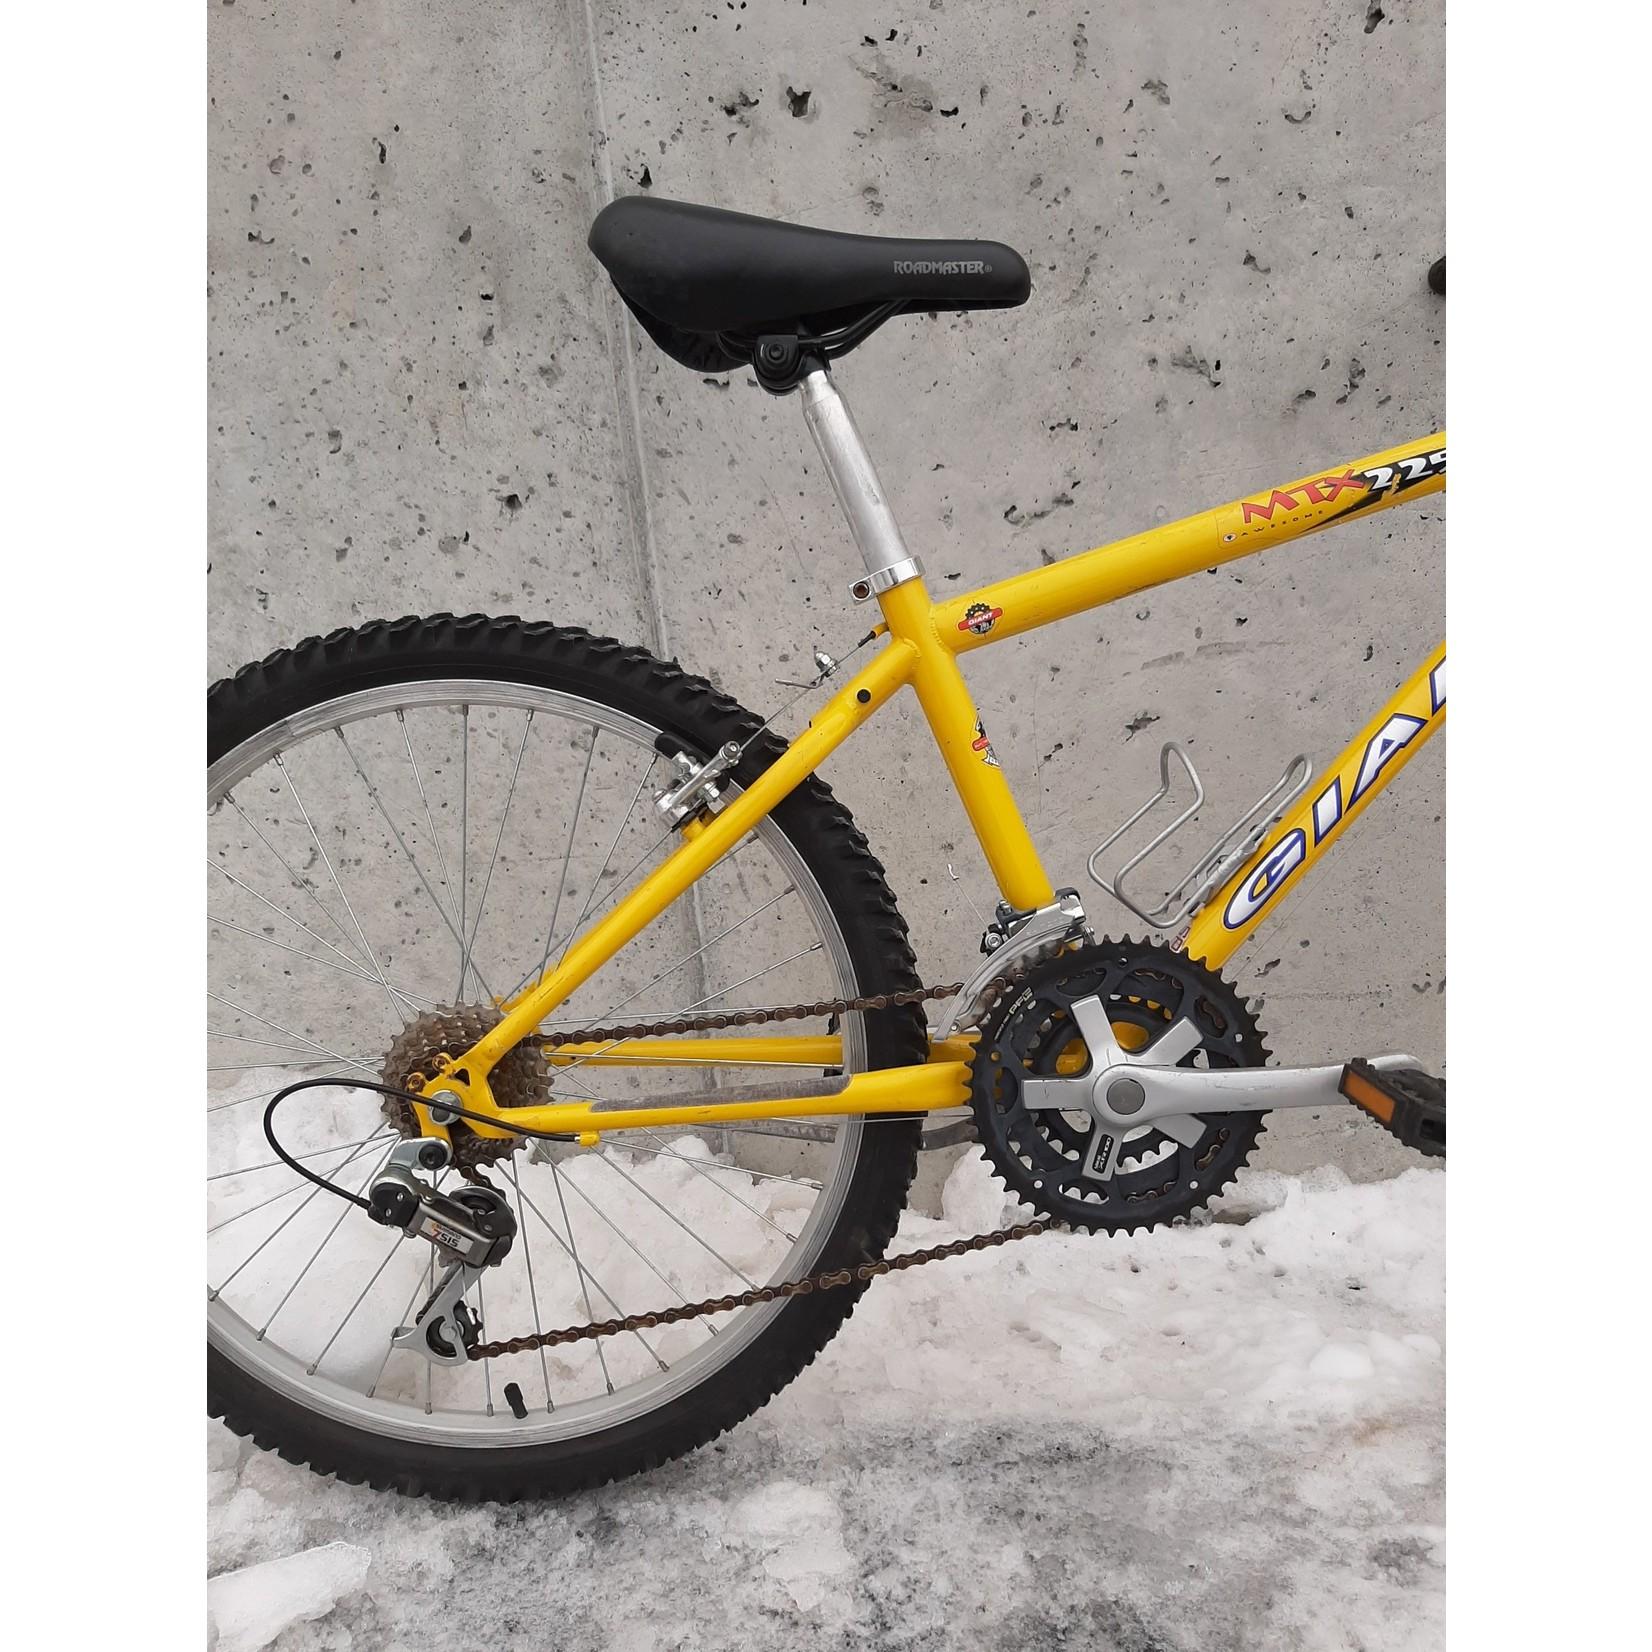 Portland Gear Hub Giant MTX 225 - 21051 - Yellow - 24in Wheel